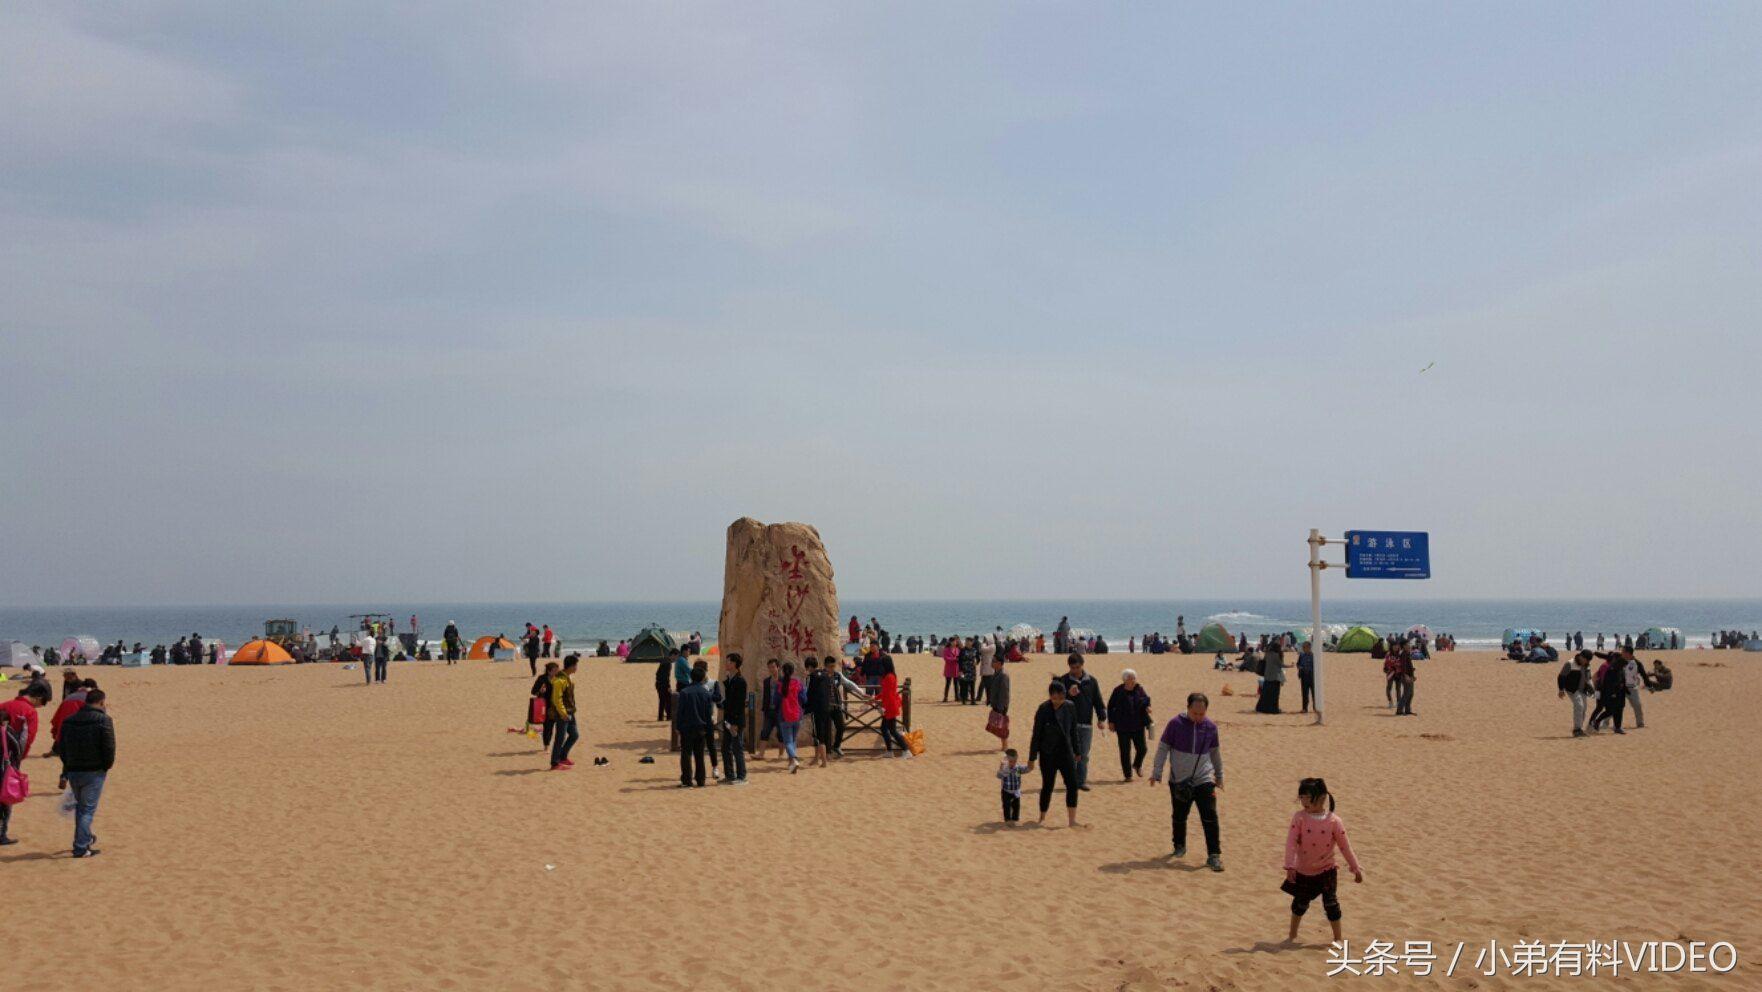 黄岛金沙滩 青岛金沙滩旅游度假区位于山东省青岛市经济技术开发区内